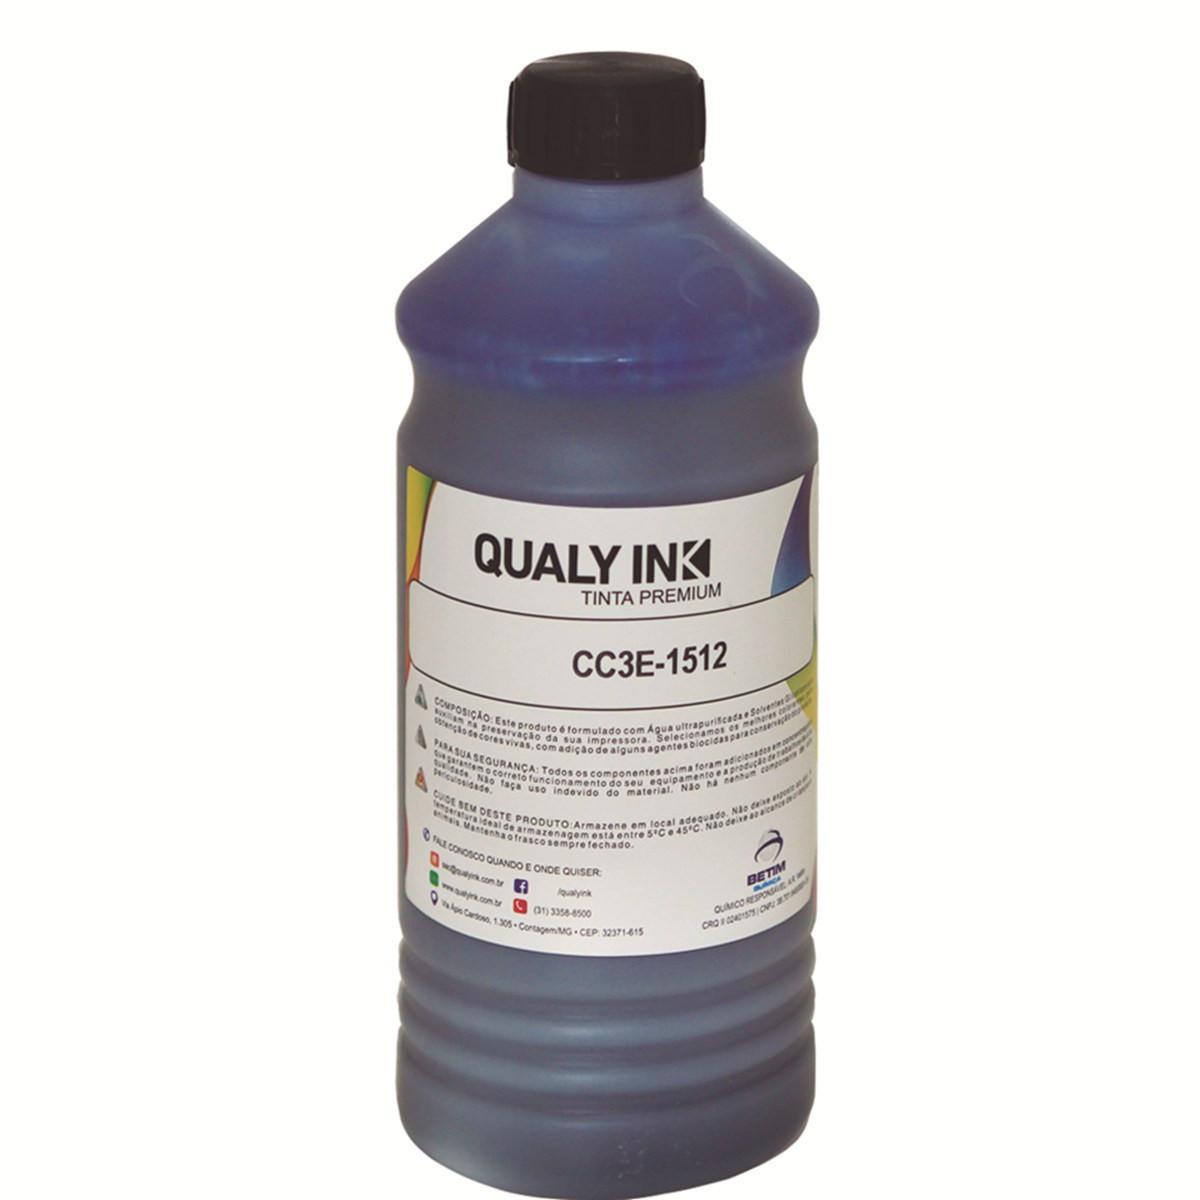 Tinta Epson Corante Ciano Específico Linha L | CC3E-1512 | Qualy Ink 1kg